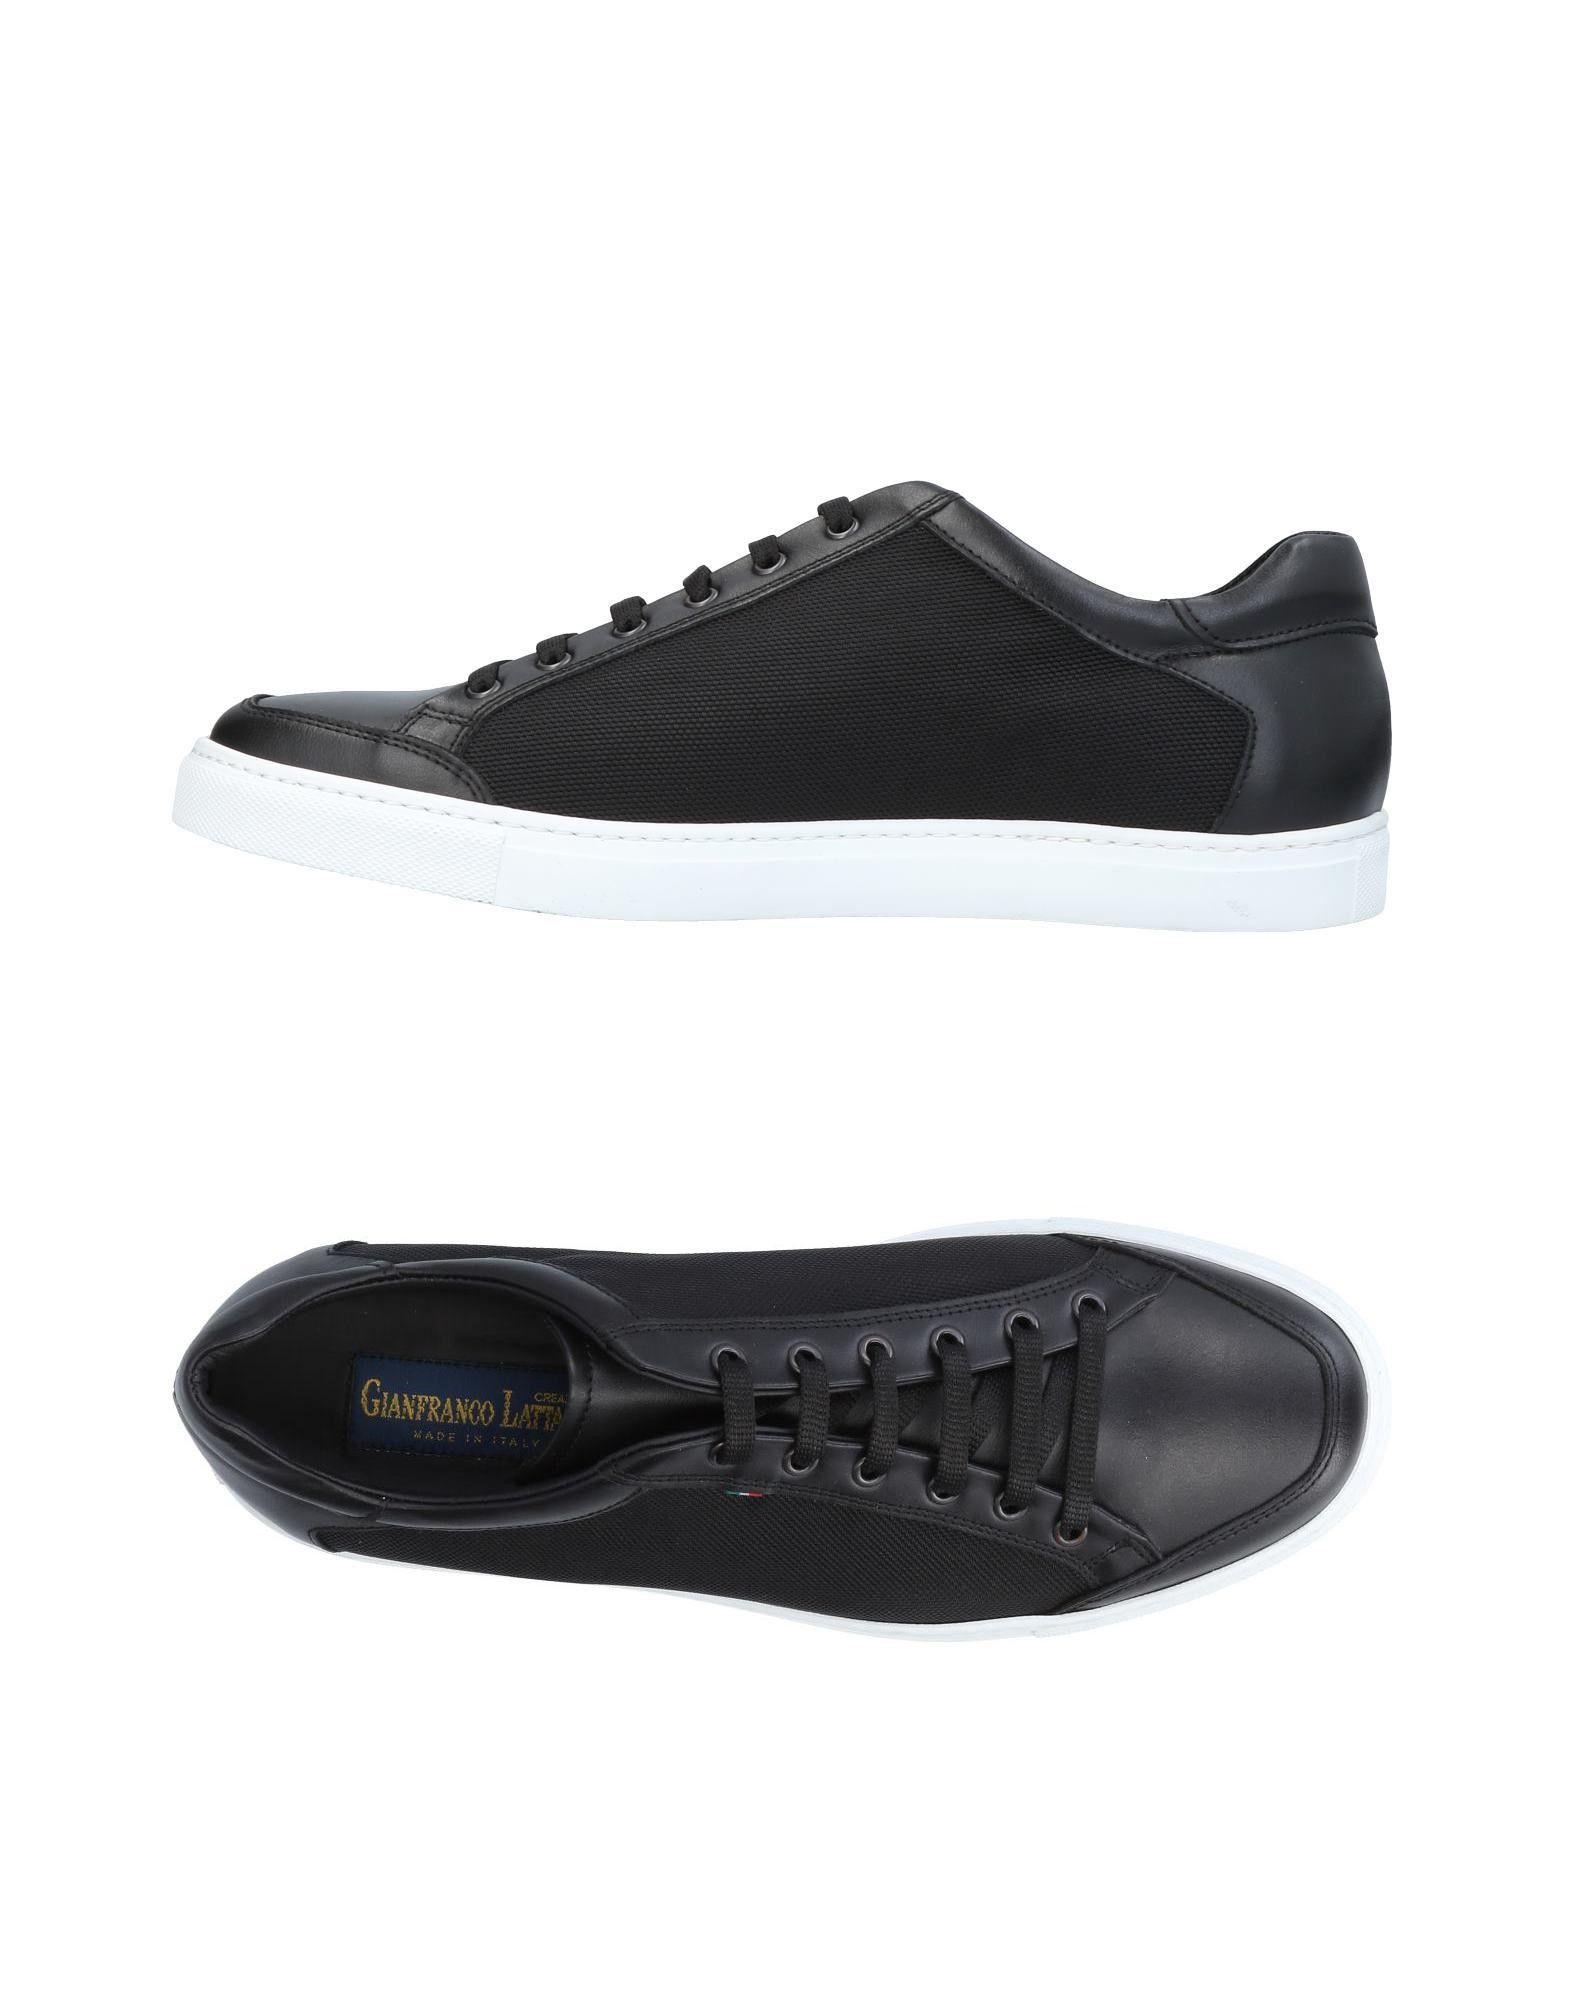 Gianfranco Lattanzi Sneakers Herren  11453965DP Gute Qualität beliebte Schuhe